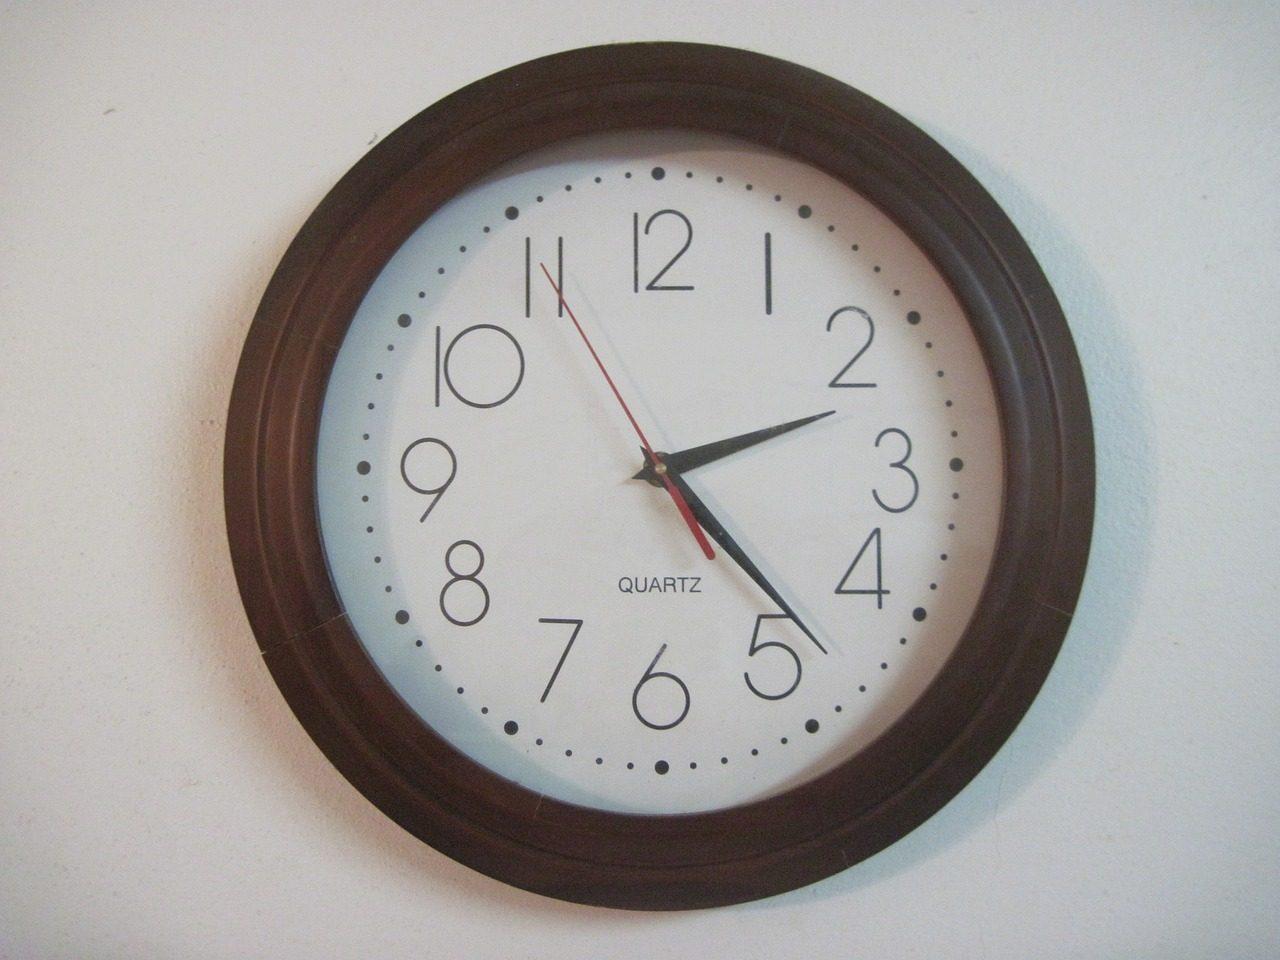 Les dates des changements d'heure en Europe et aux USA